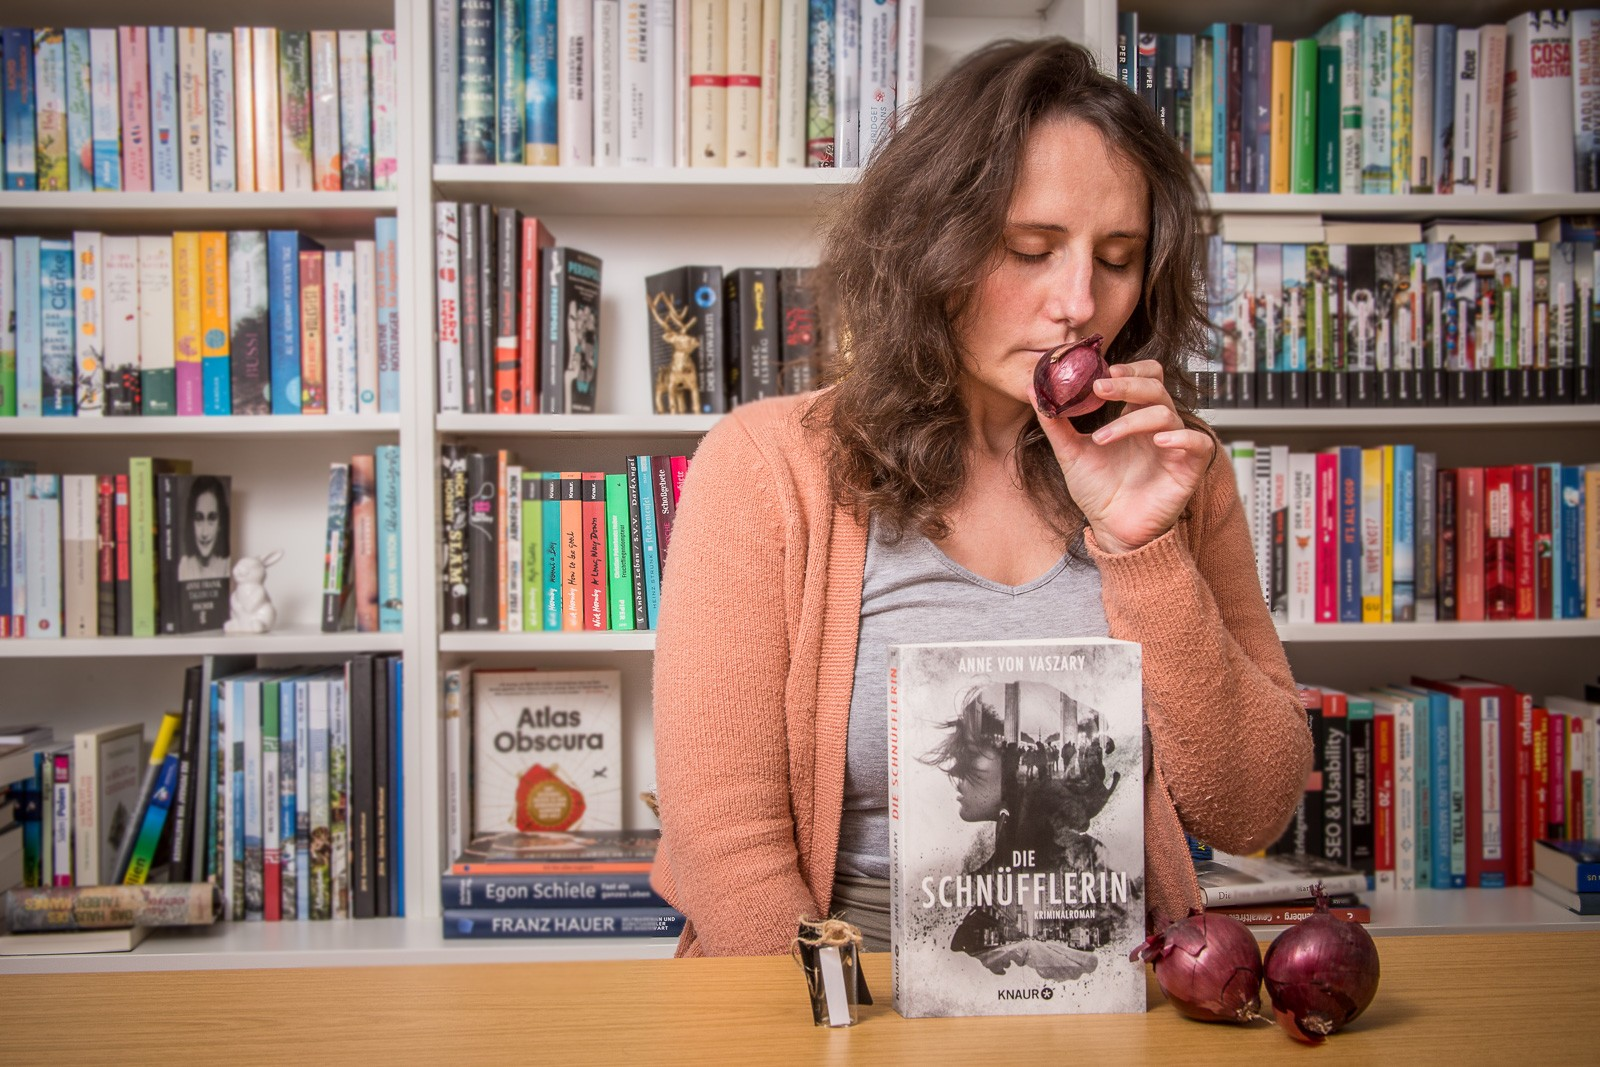 Die Schnüfflerin - Anne von Vaszary